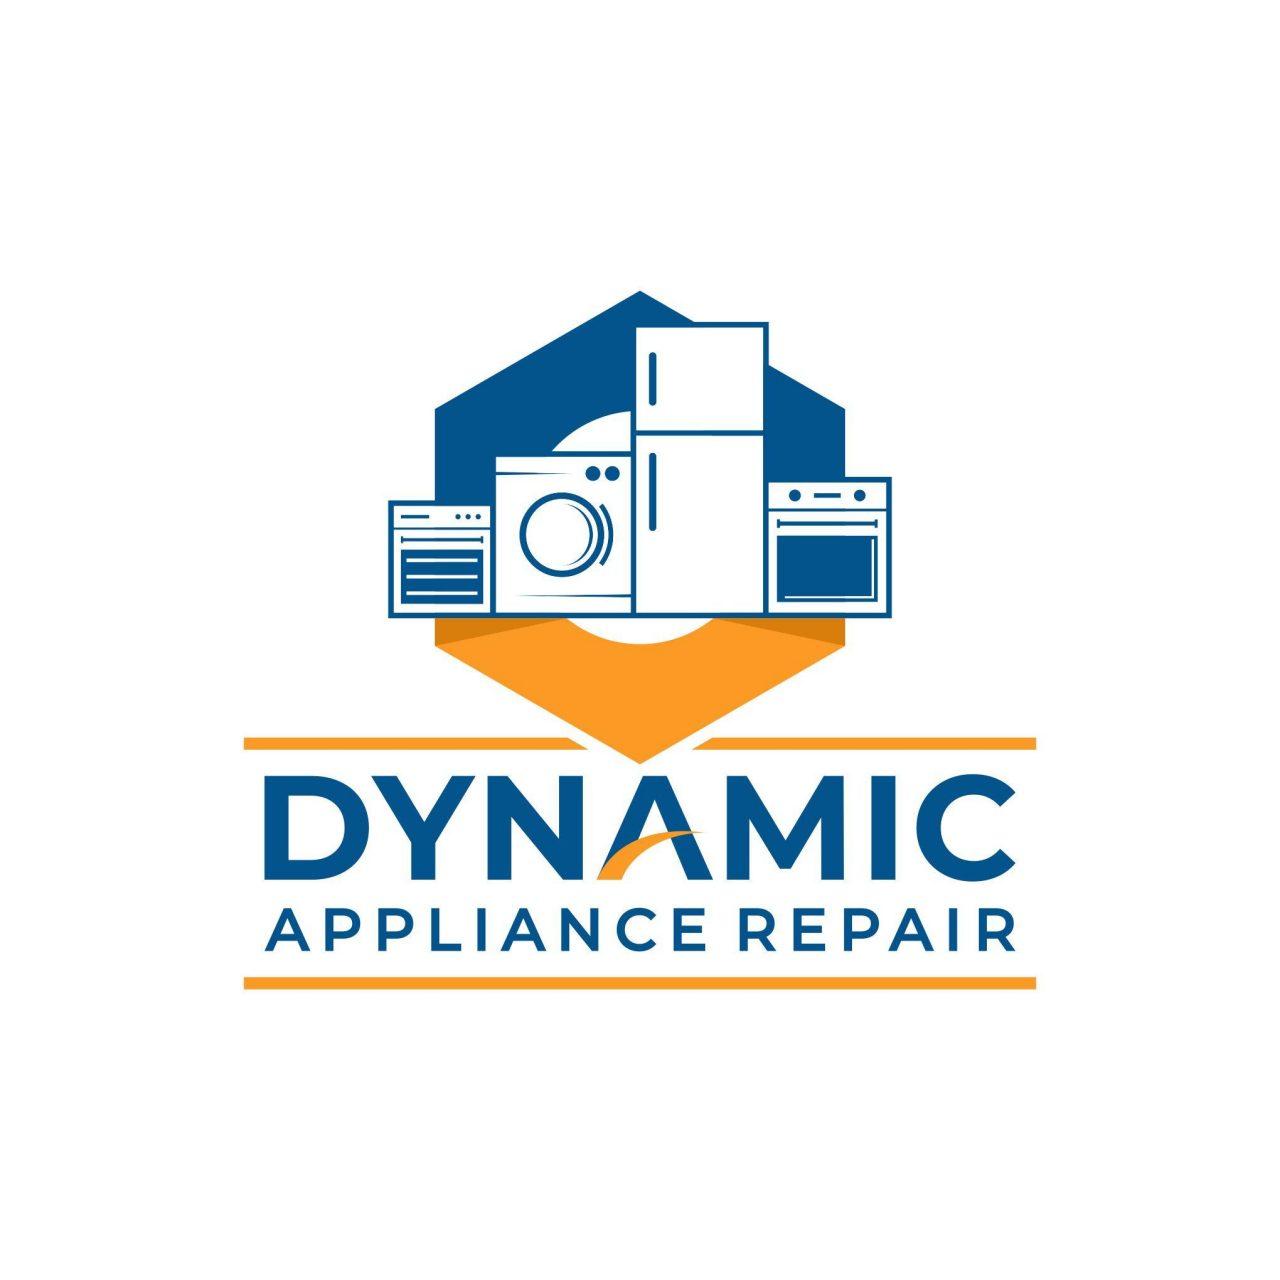 Dynamic Appliance Repair